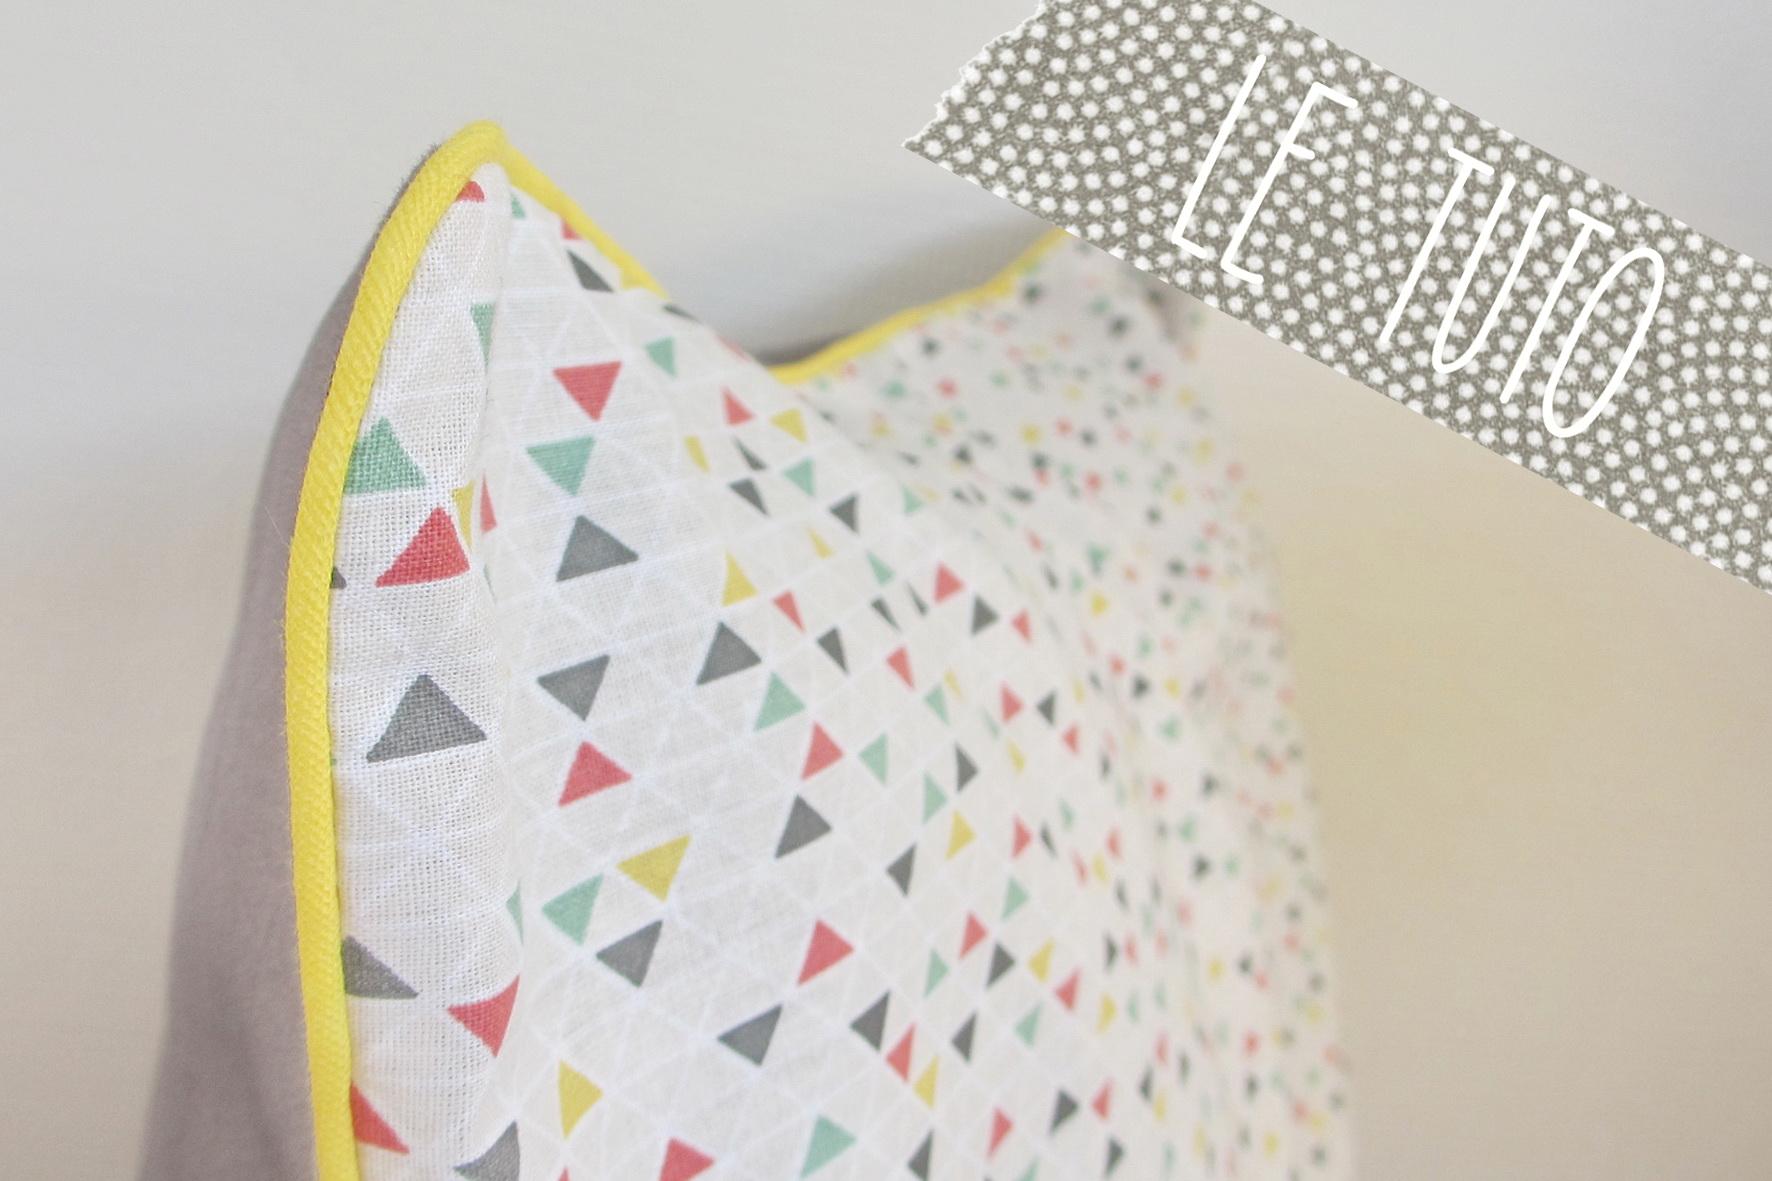 latest tuto housse de coussin avec fermeture eclair with tuto housse de coussin avec fermeture. Black Bedroom Furniture Sets. Home Design Ideas